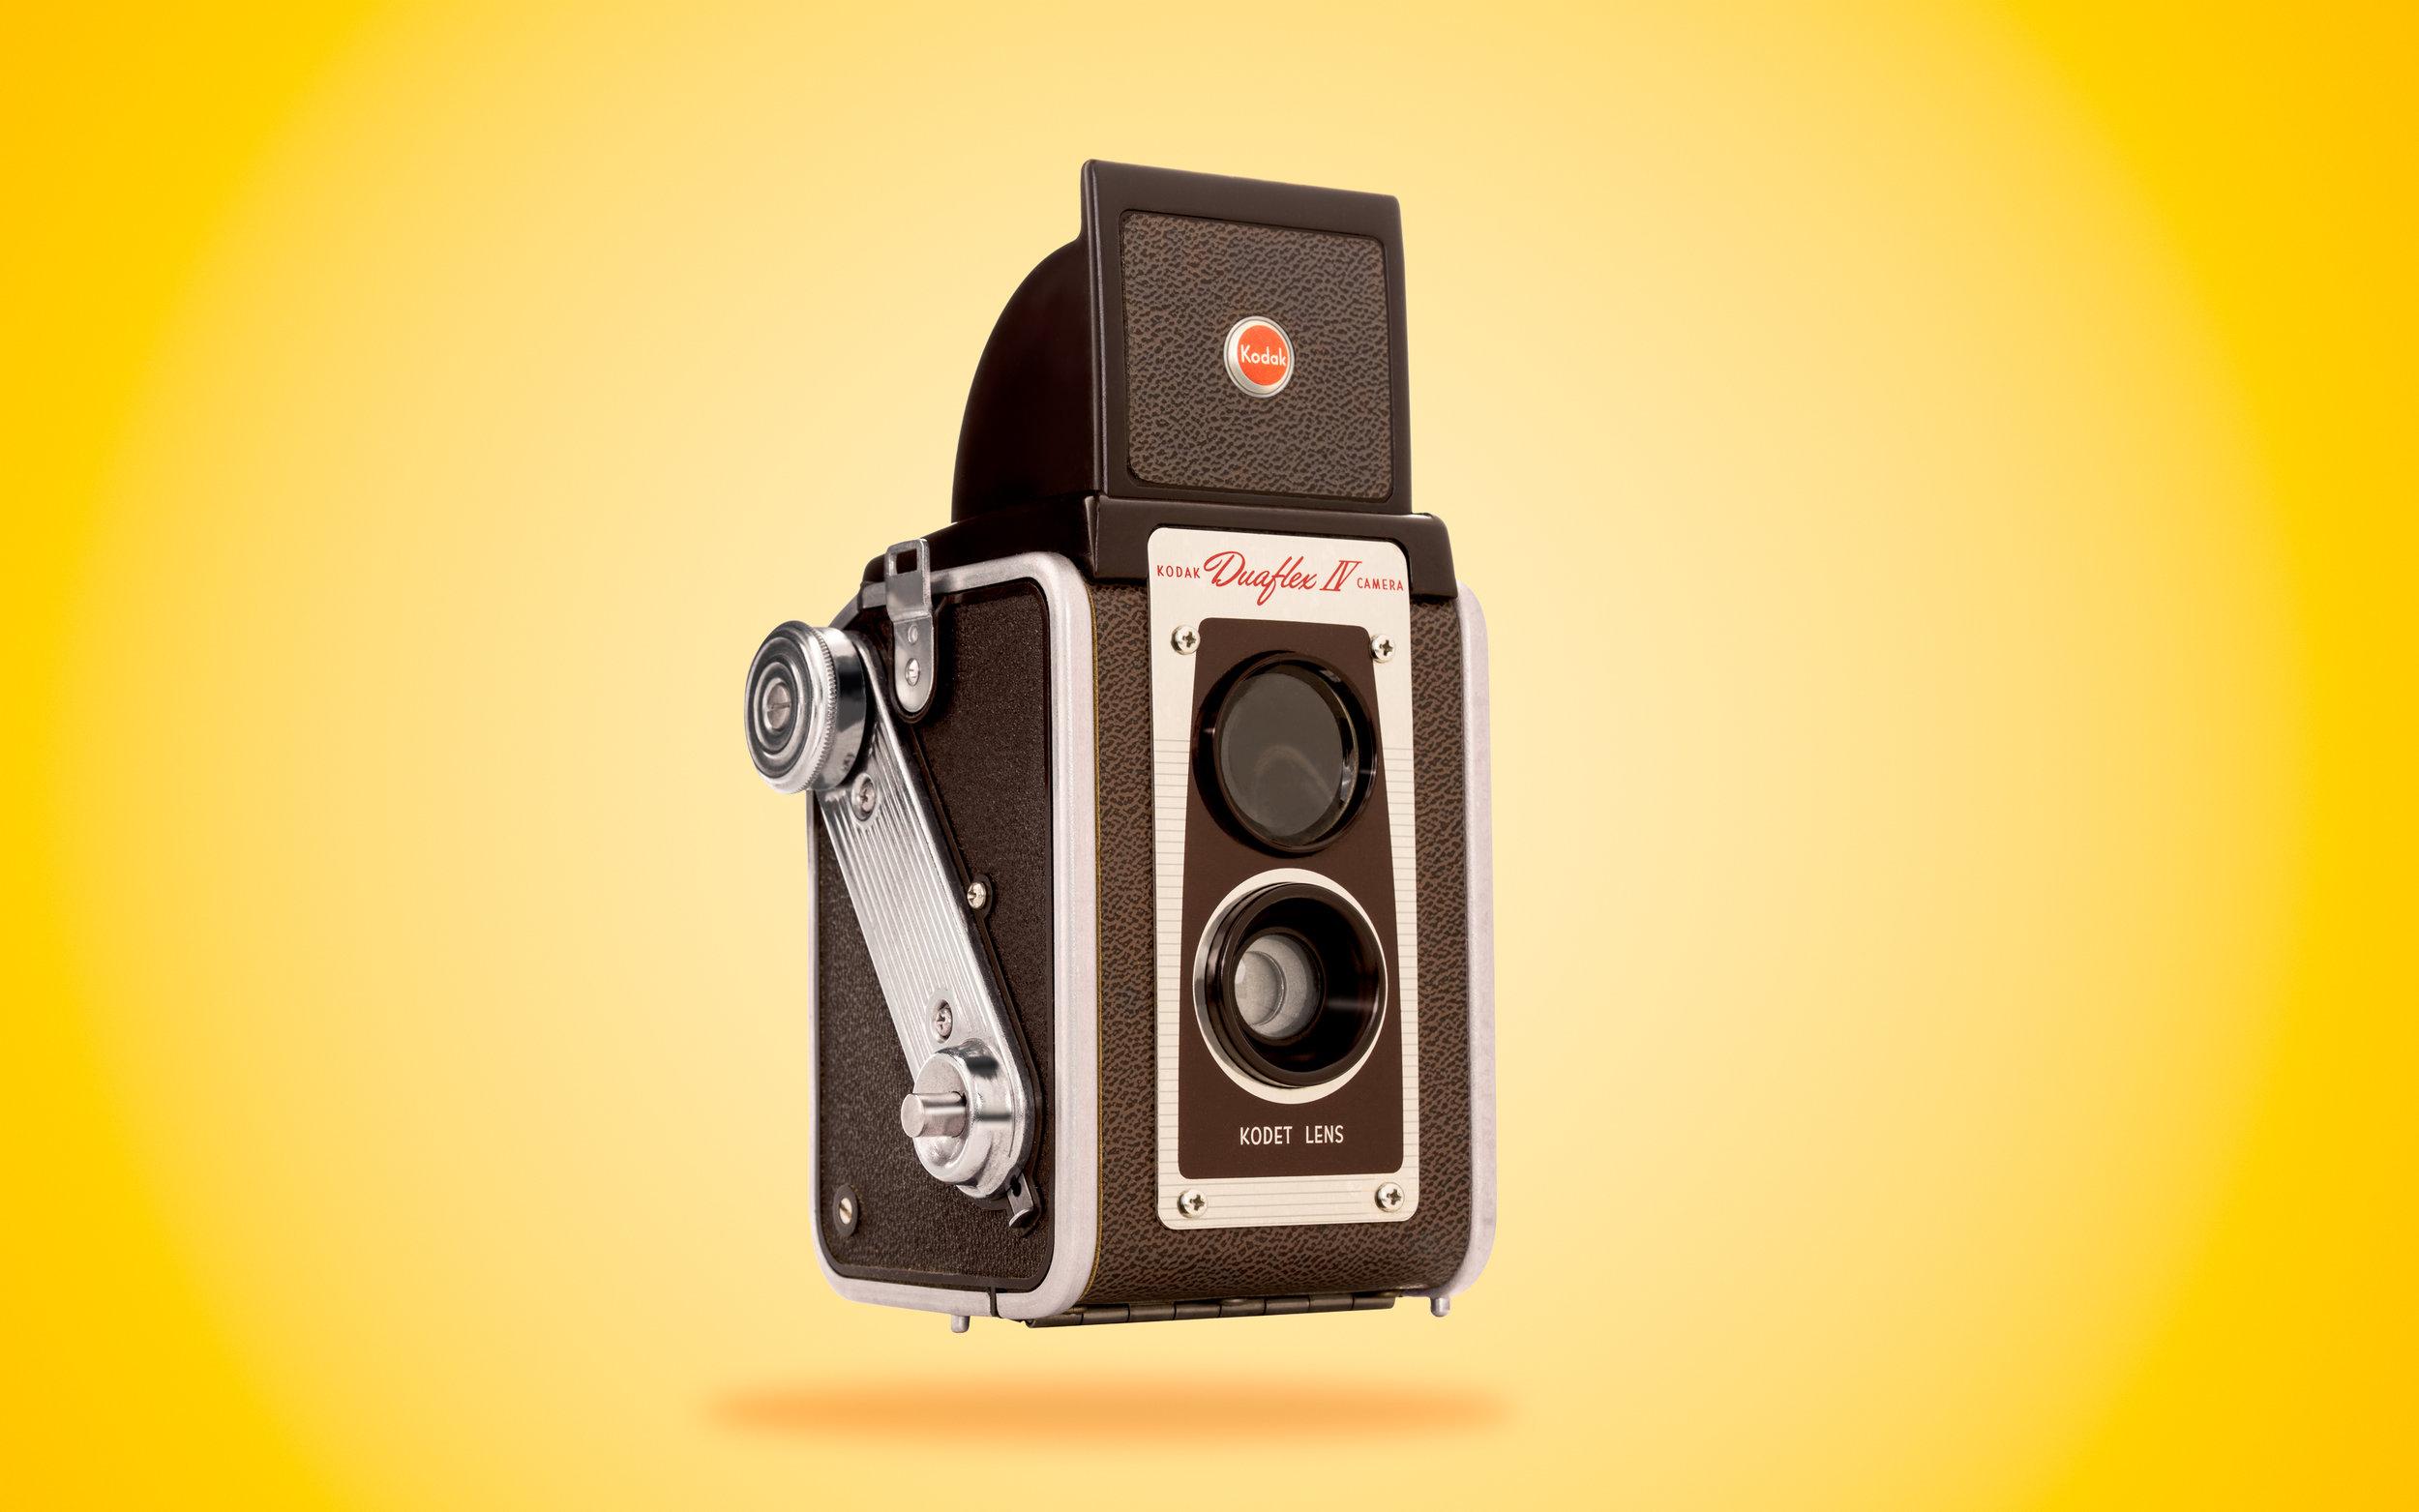 Kodak DuaFlex II (1950 - 1954